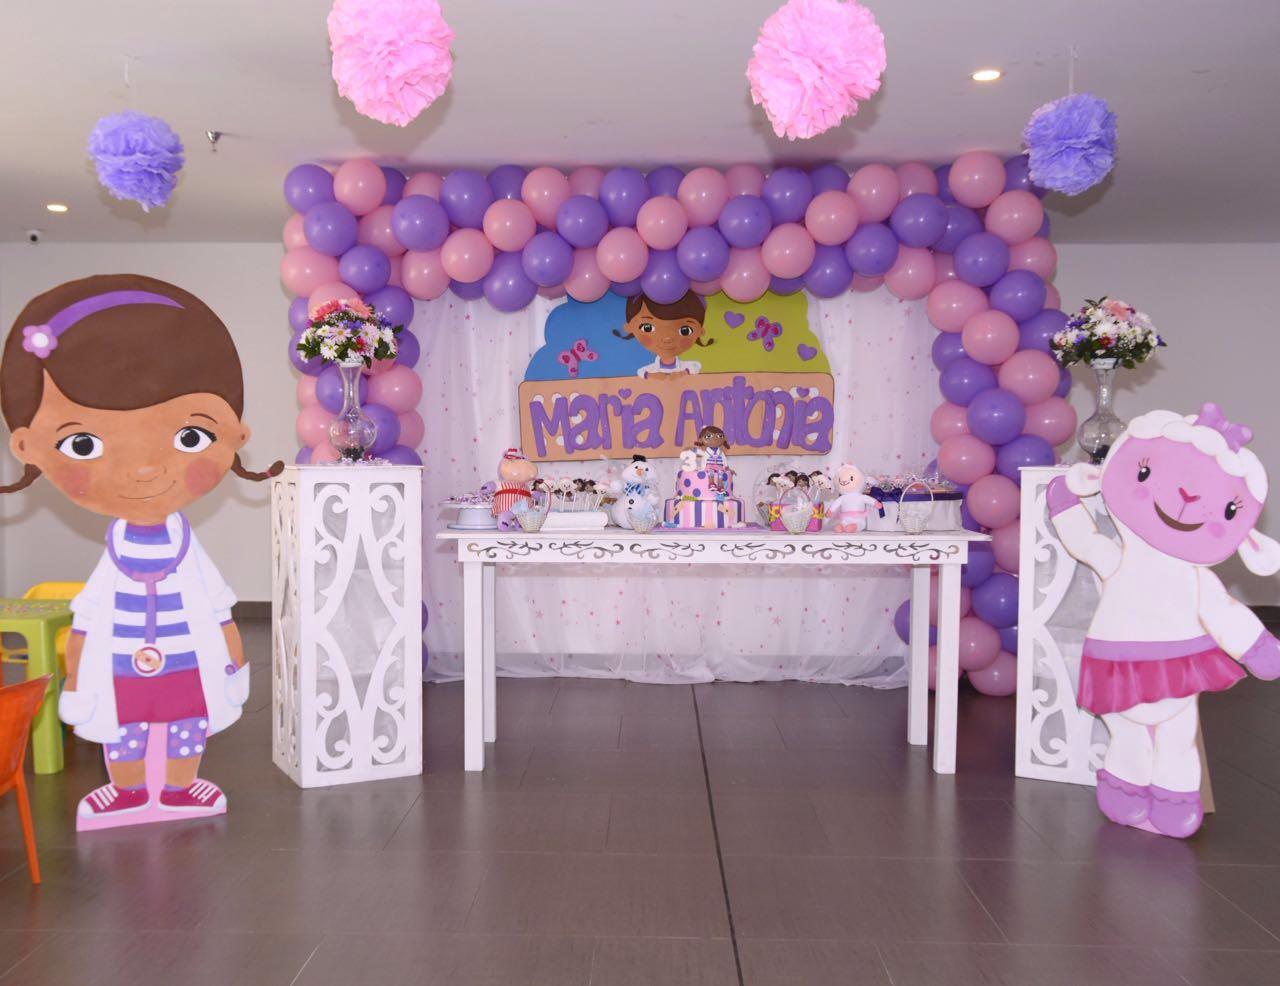 Beula decoraciones decoracion de eventos tematicos e for Decoracion de pared para fiestas infantiles